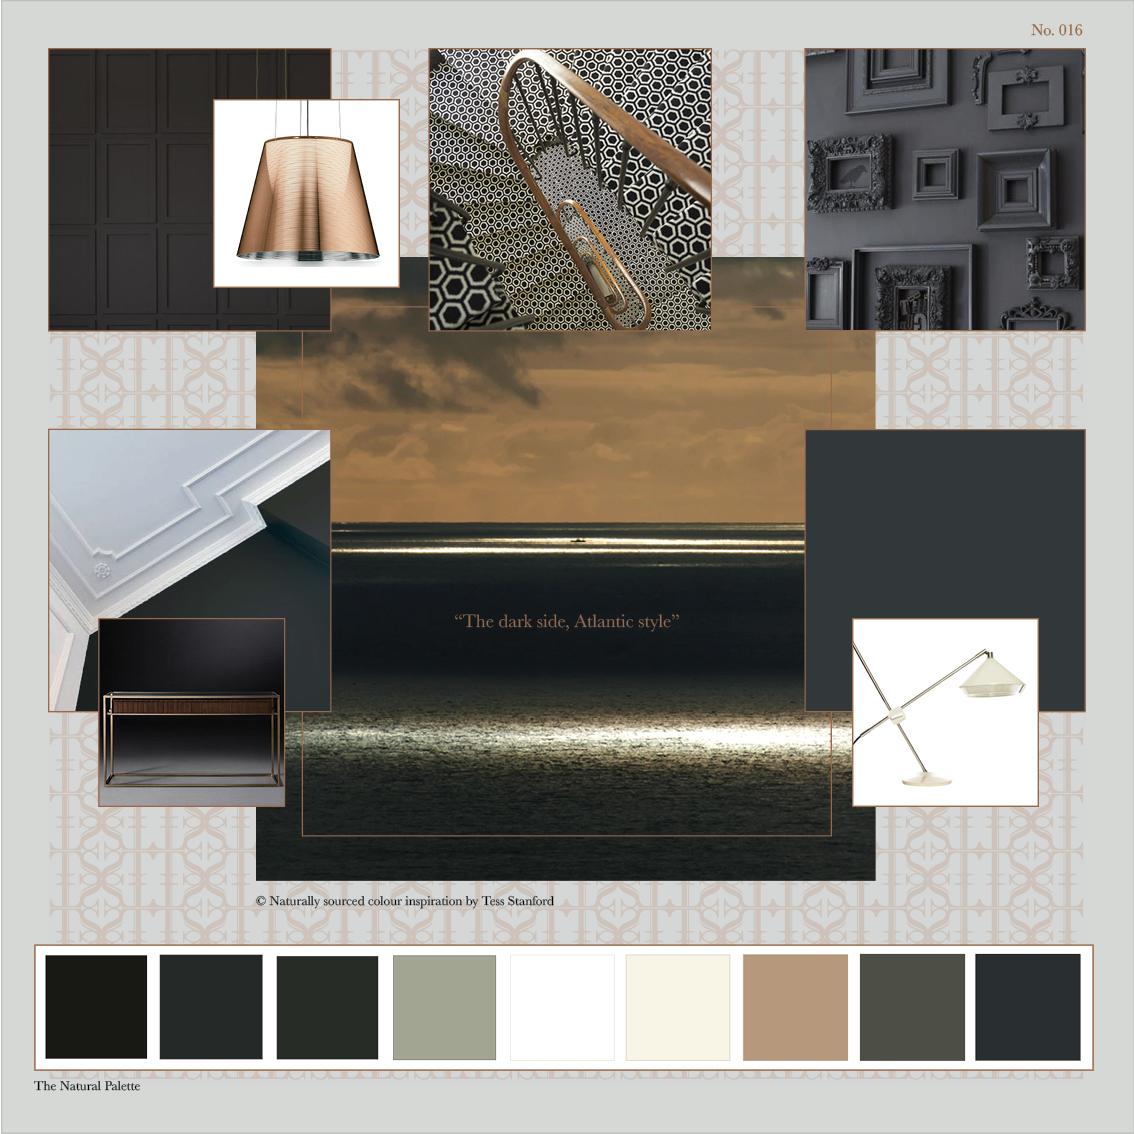 Tess Stanford Interior Design Colour Inspiration Blog No 016